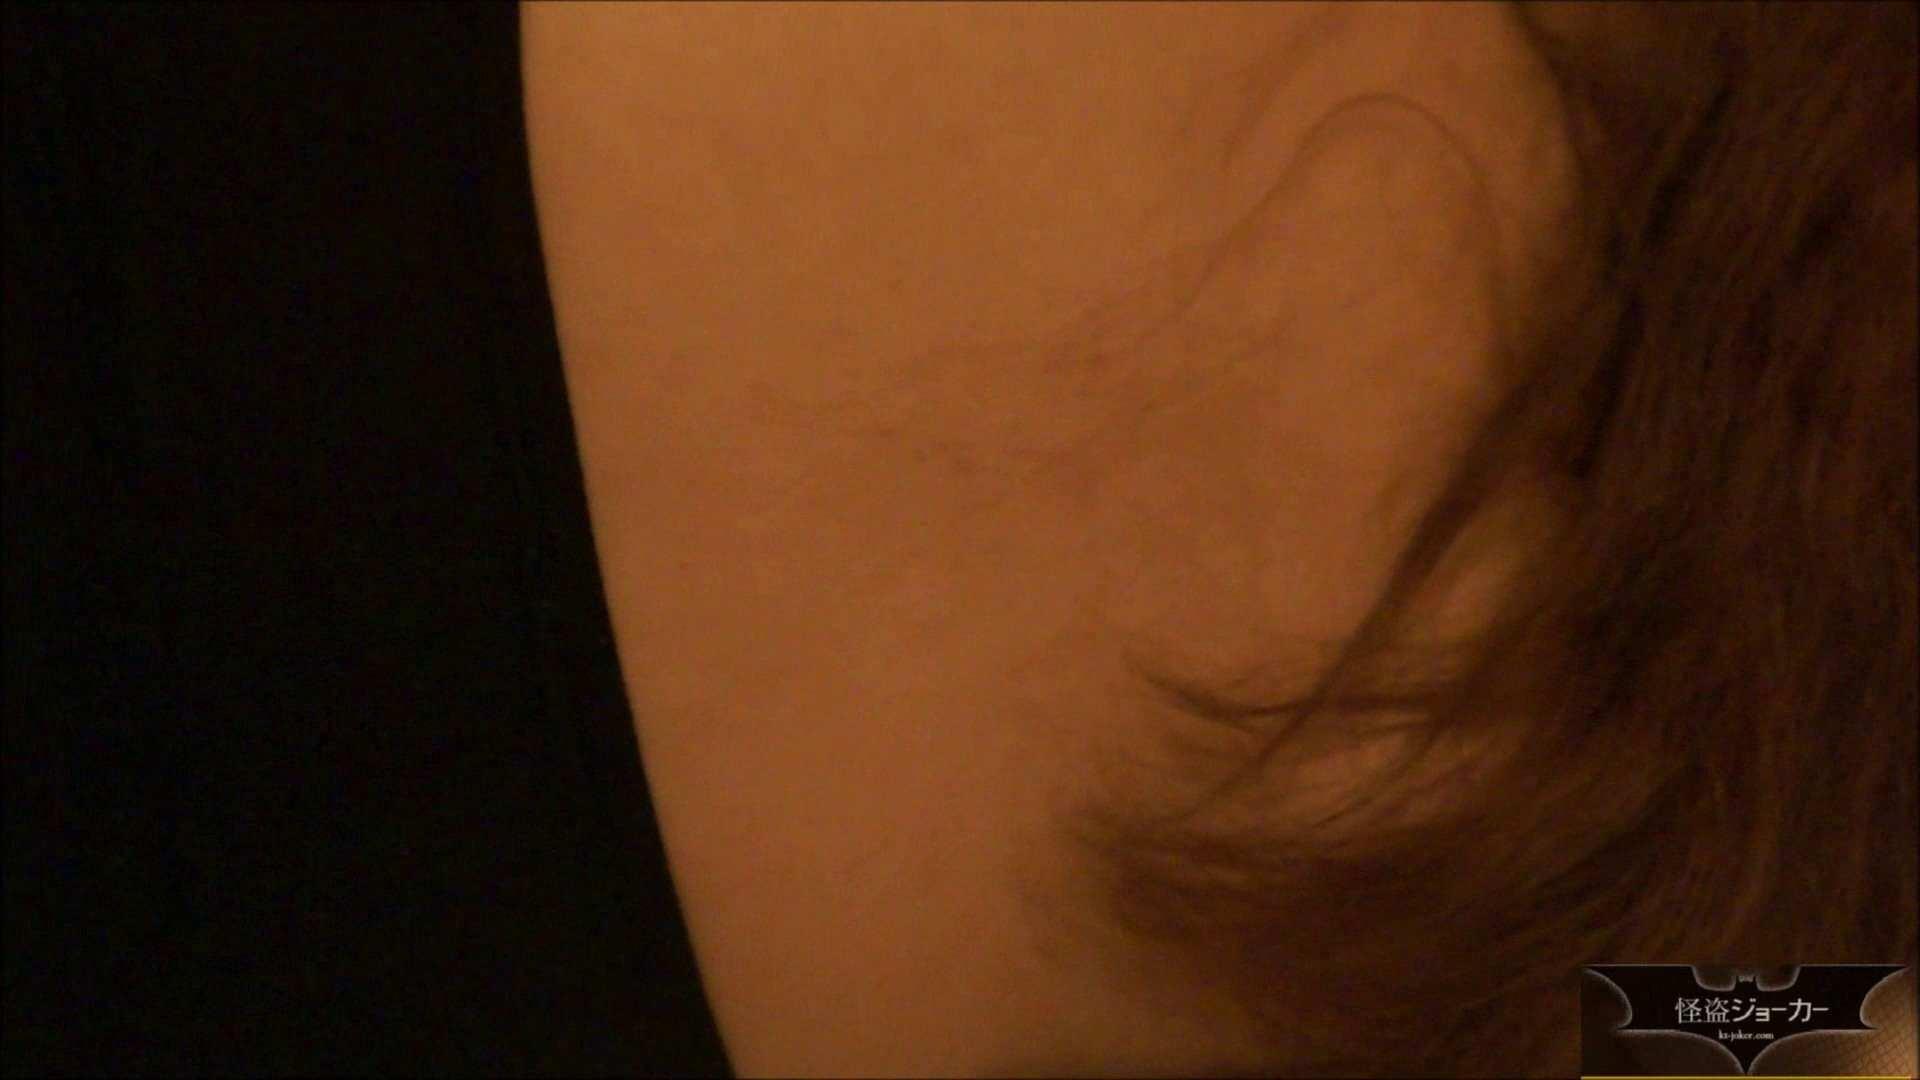 【未公開】vol.15 若ママ、絵美ちゃん・・・滴る母乳を吸い上げて。 ホテルでエッチ   OLの実態  76pic 19